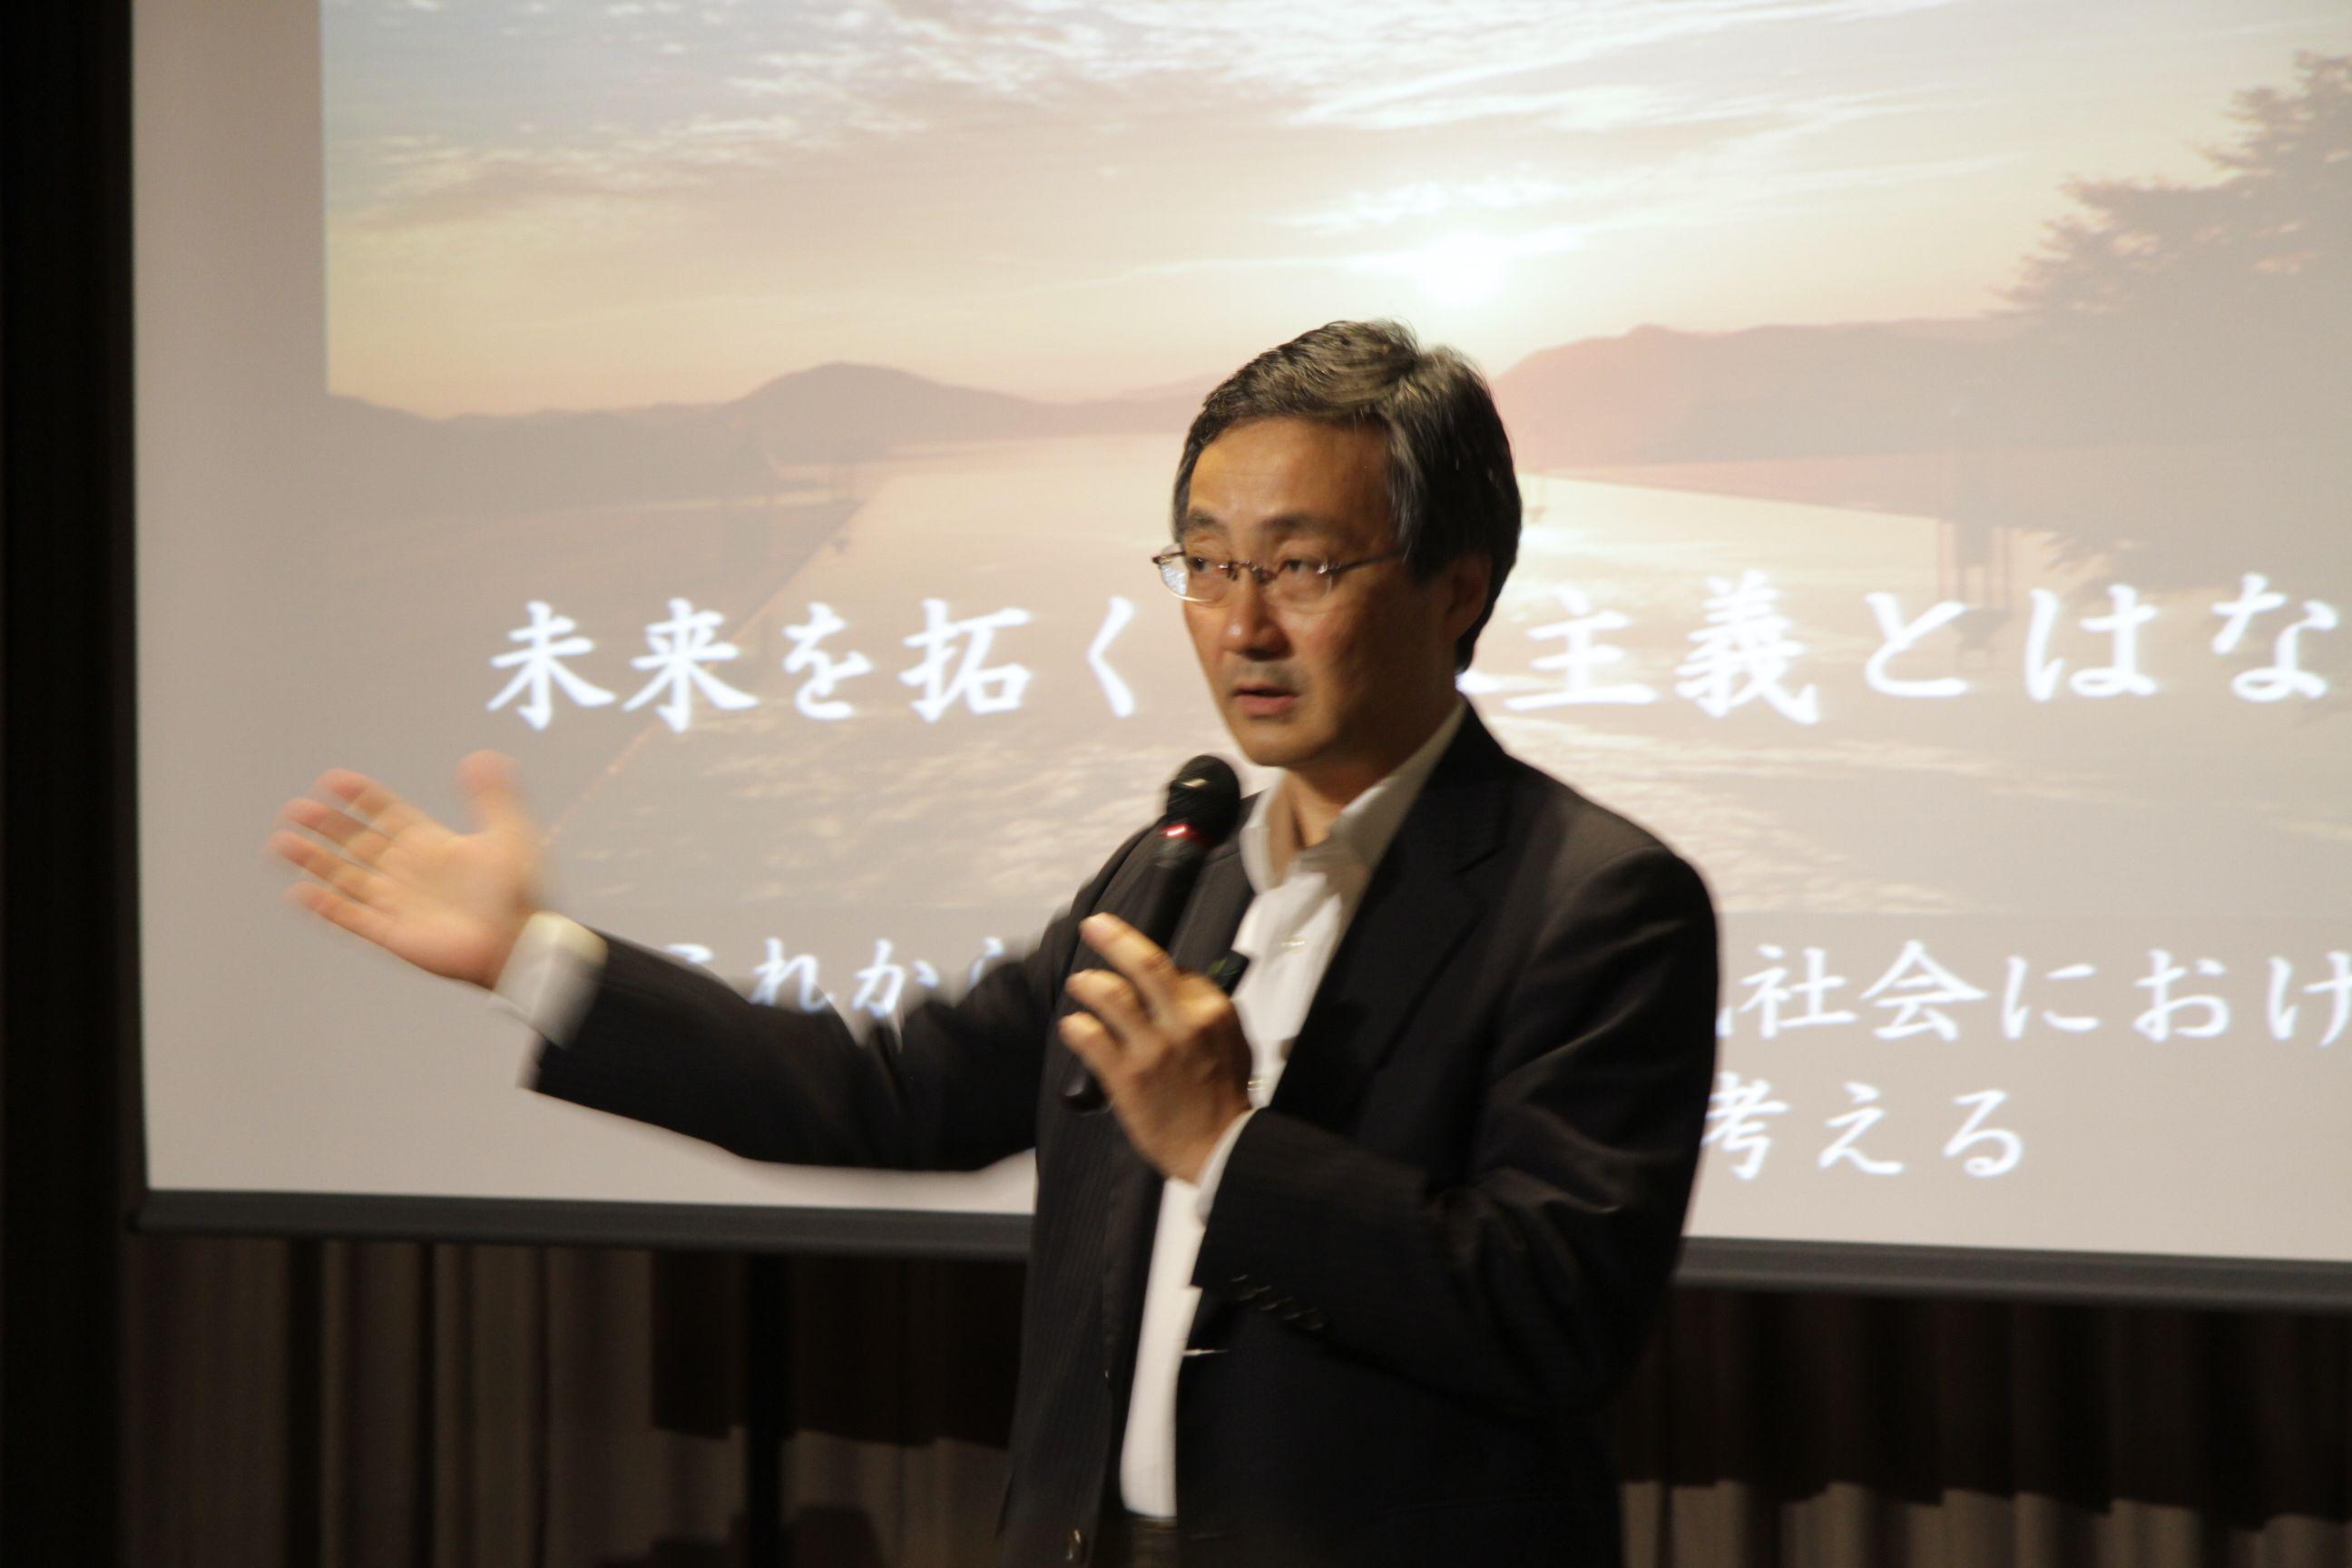 第5回常石CSV講演会は「未来を拓く資本主義とはなにか~これからの企業の地域社会における役割について考える~」をテーマにがコモンズ投信株式会社取締役会長の渋澤健氏が講演